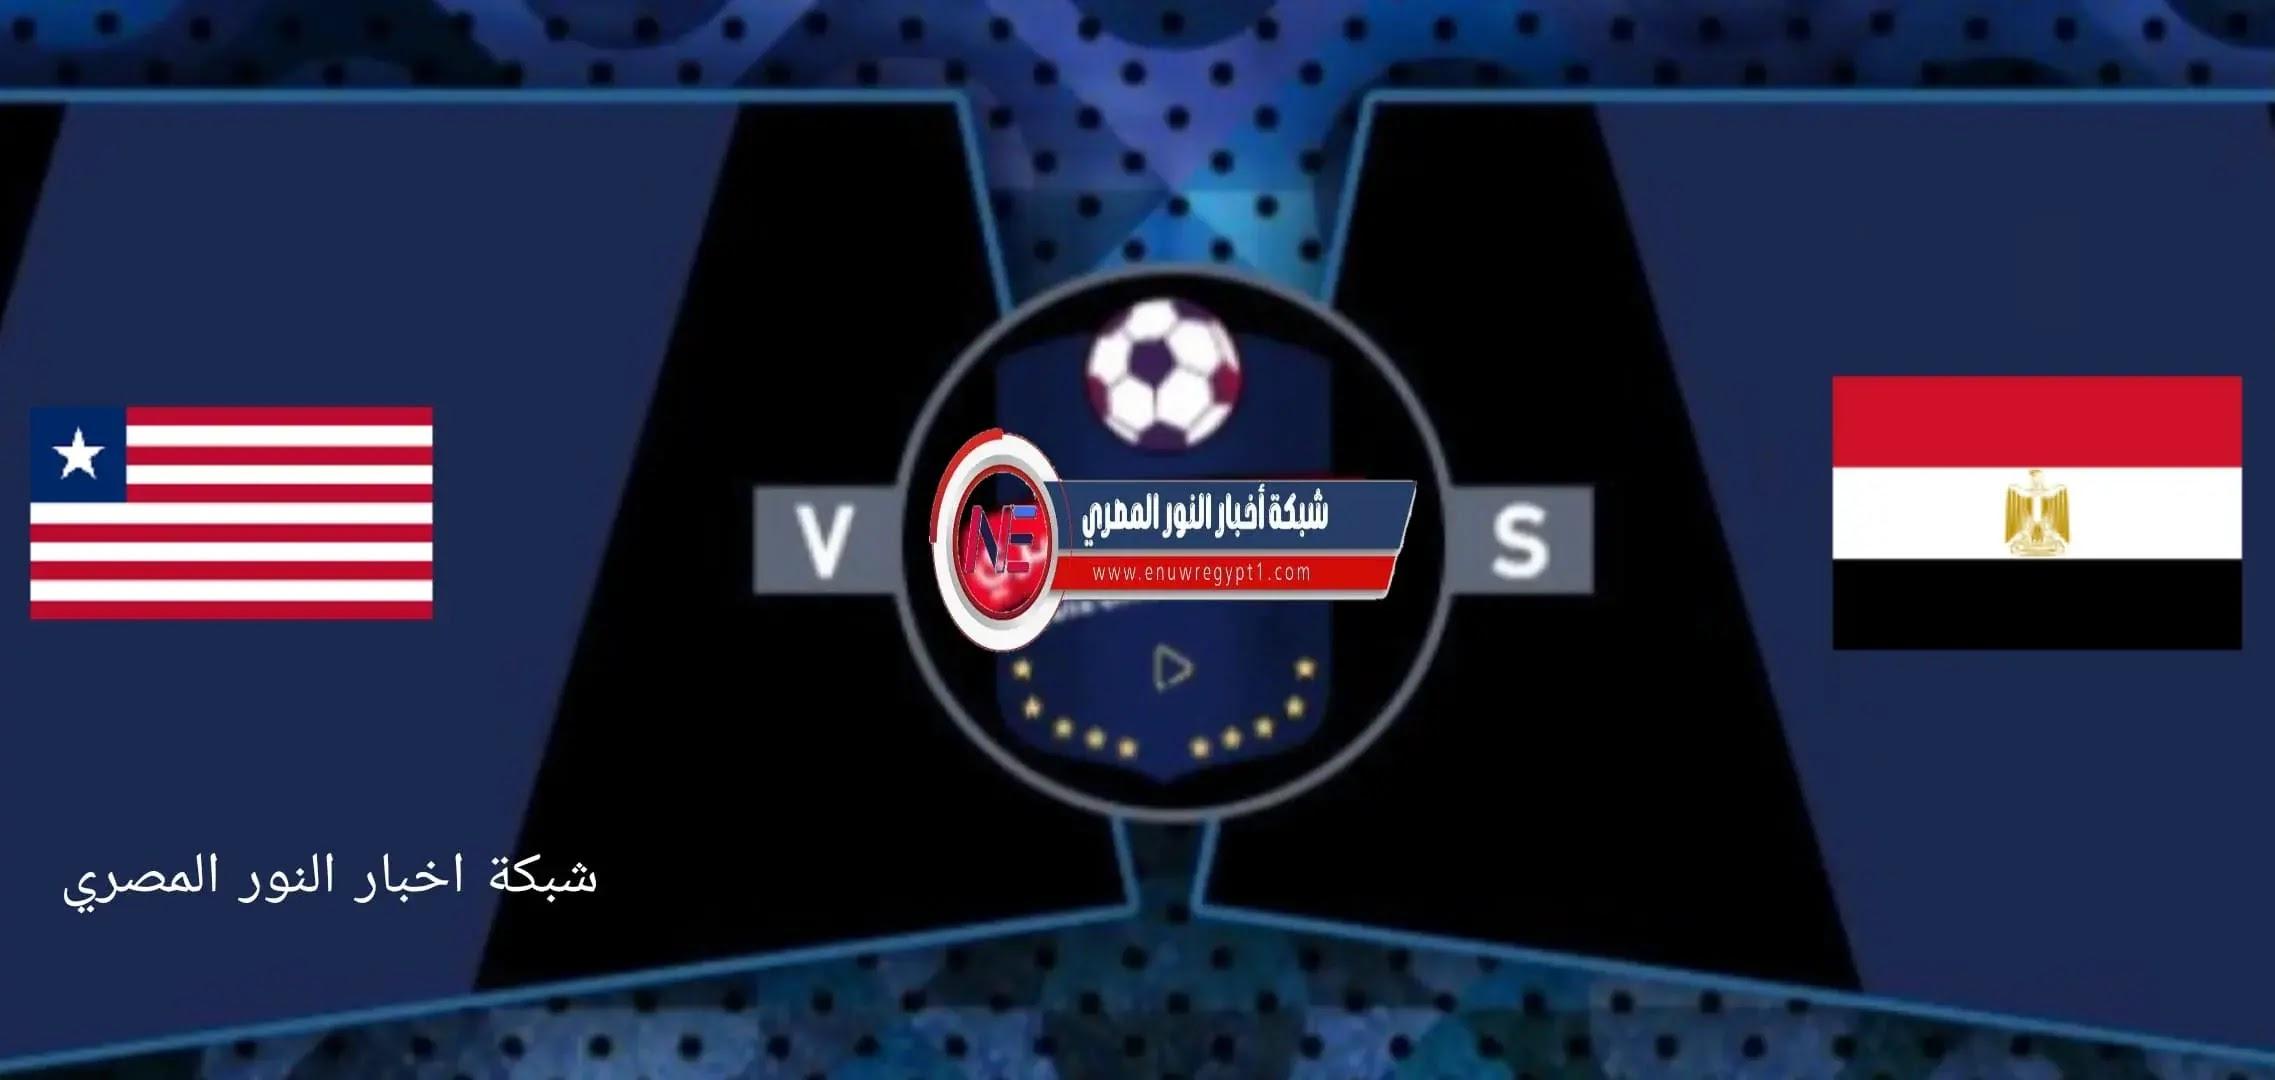 كورة لايف بث مباشر يوتيوب .. مشاهدة مصر و ليبيرا بث مباشر اليوم 29-09-2021 في مباراة ودية